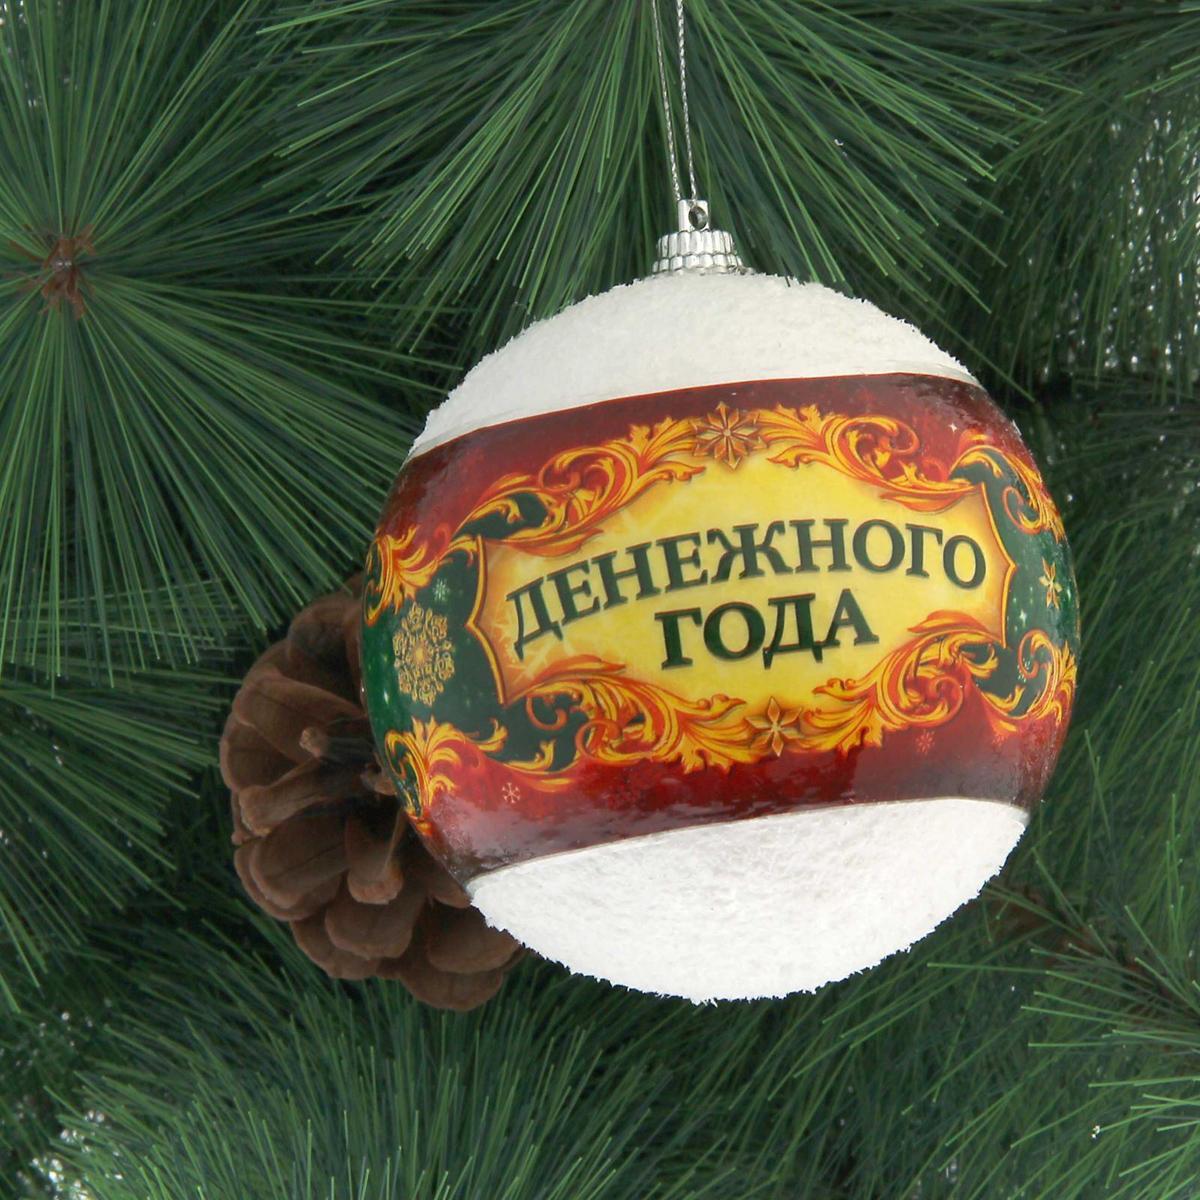 """Новогоднее украшение """"Sima-land"""" отлично подойдет для декорации вашего дома и новогодней ели. Елочная игрушка - символ Нового года. Она несет в себе волшебство и красоту праздника. Такое украшение создаст в вашем доме атмосферу праздника, веселья и радости."""